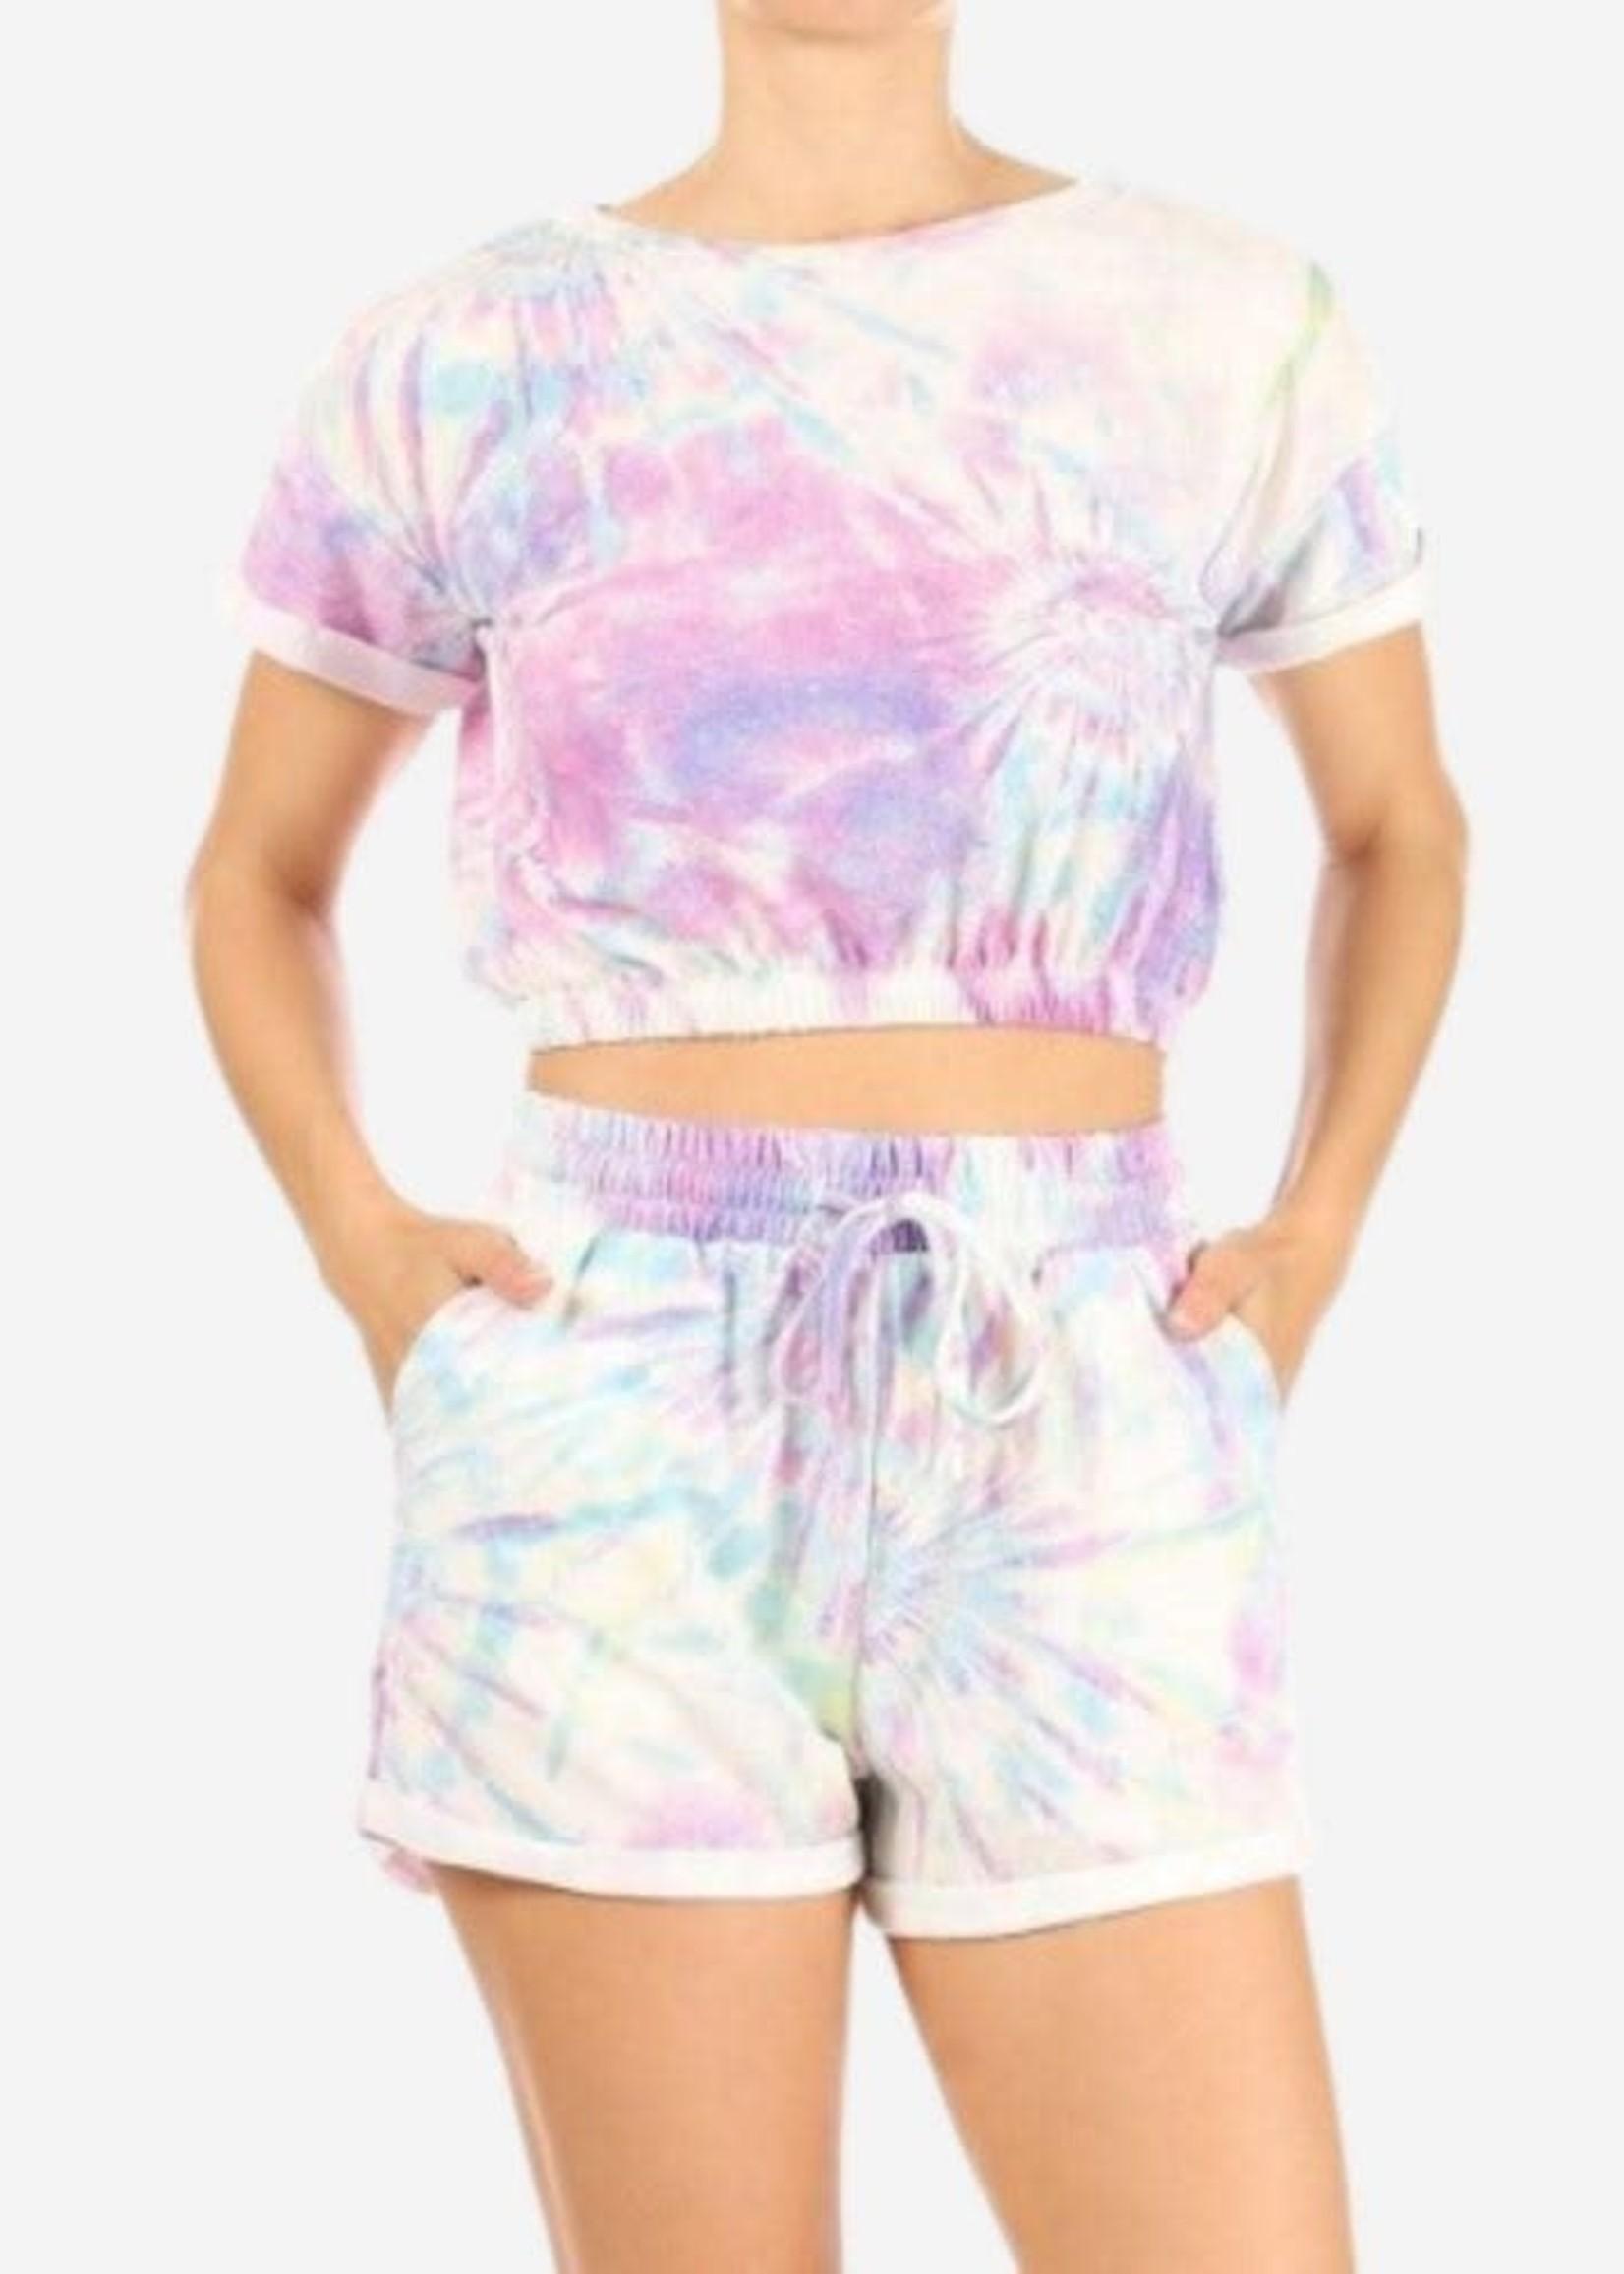 Judson Tie Dye Loungewear - Purple Pastel